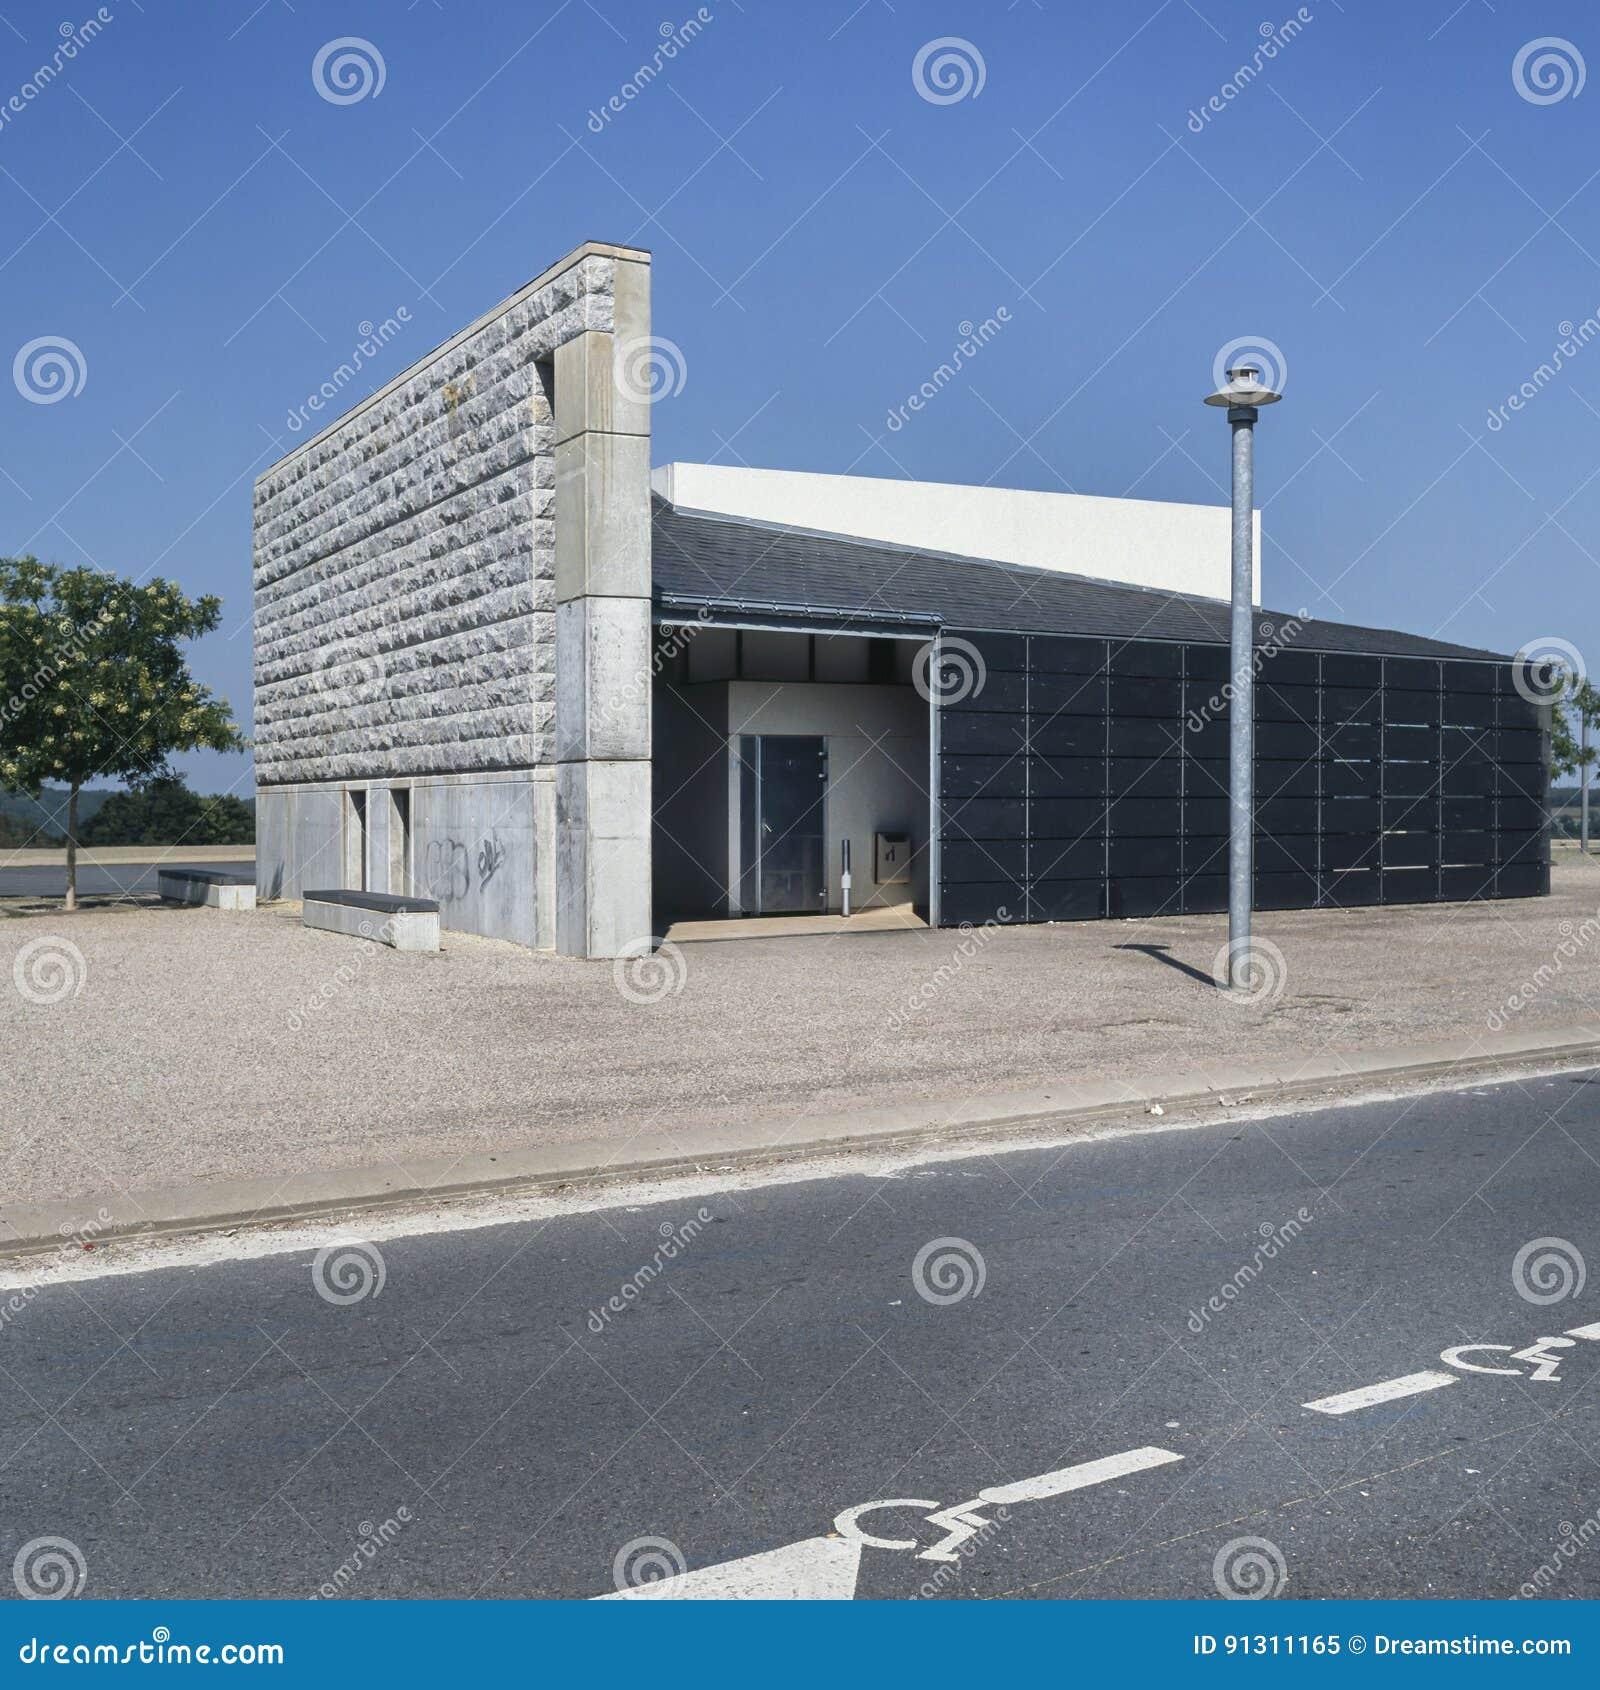 restrooms in france ekenasfiber johnhenriksson se u2022 rh ekenasfiber johnhenriksson se